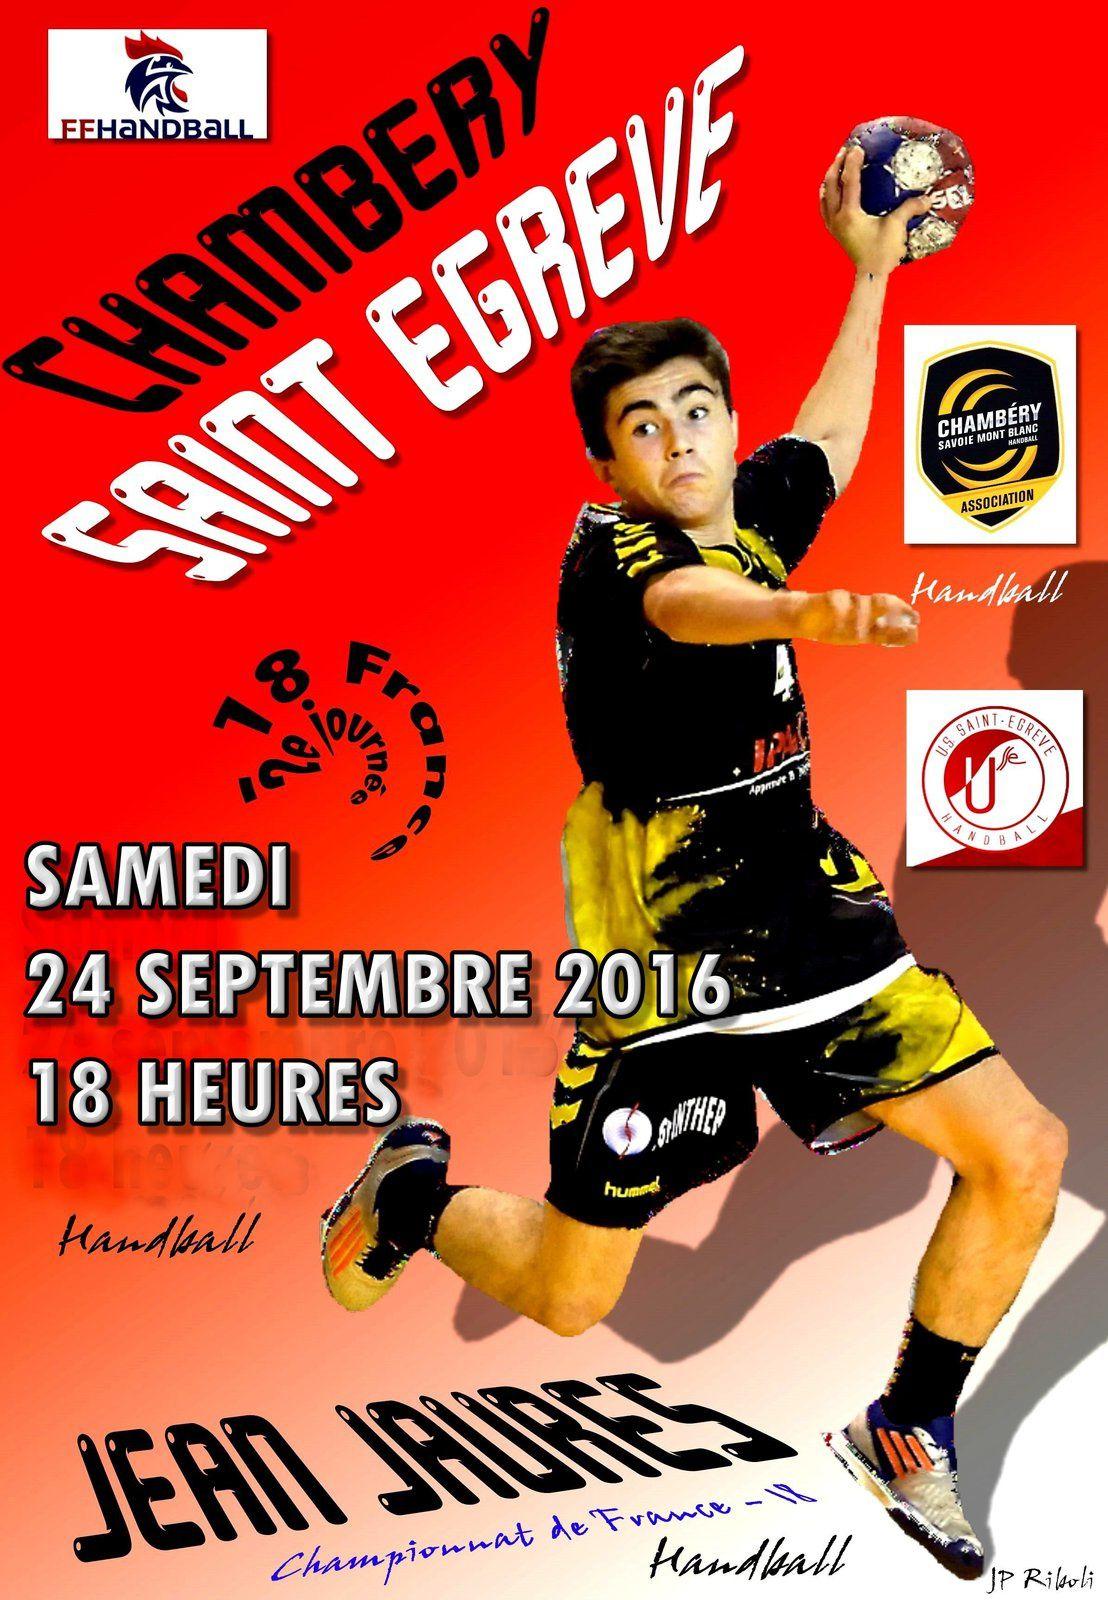 Les matches du wek-end 24 et 25 septembre 2016